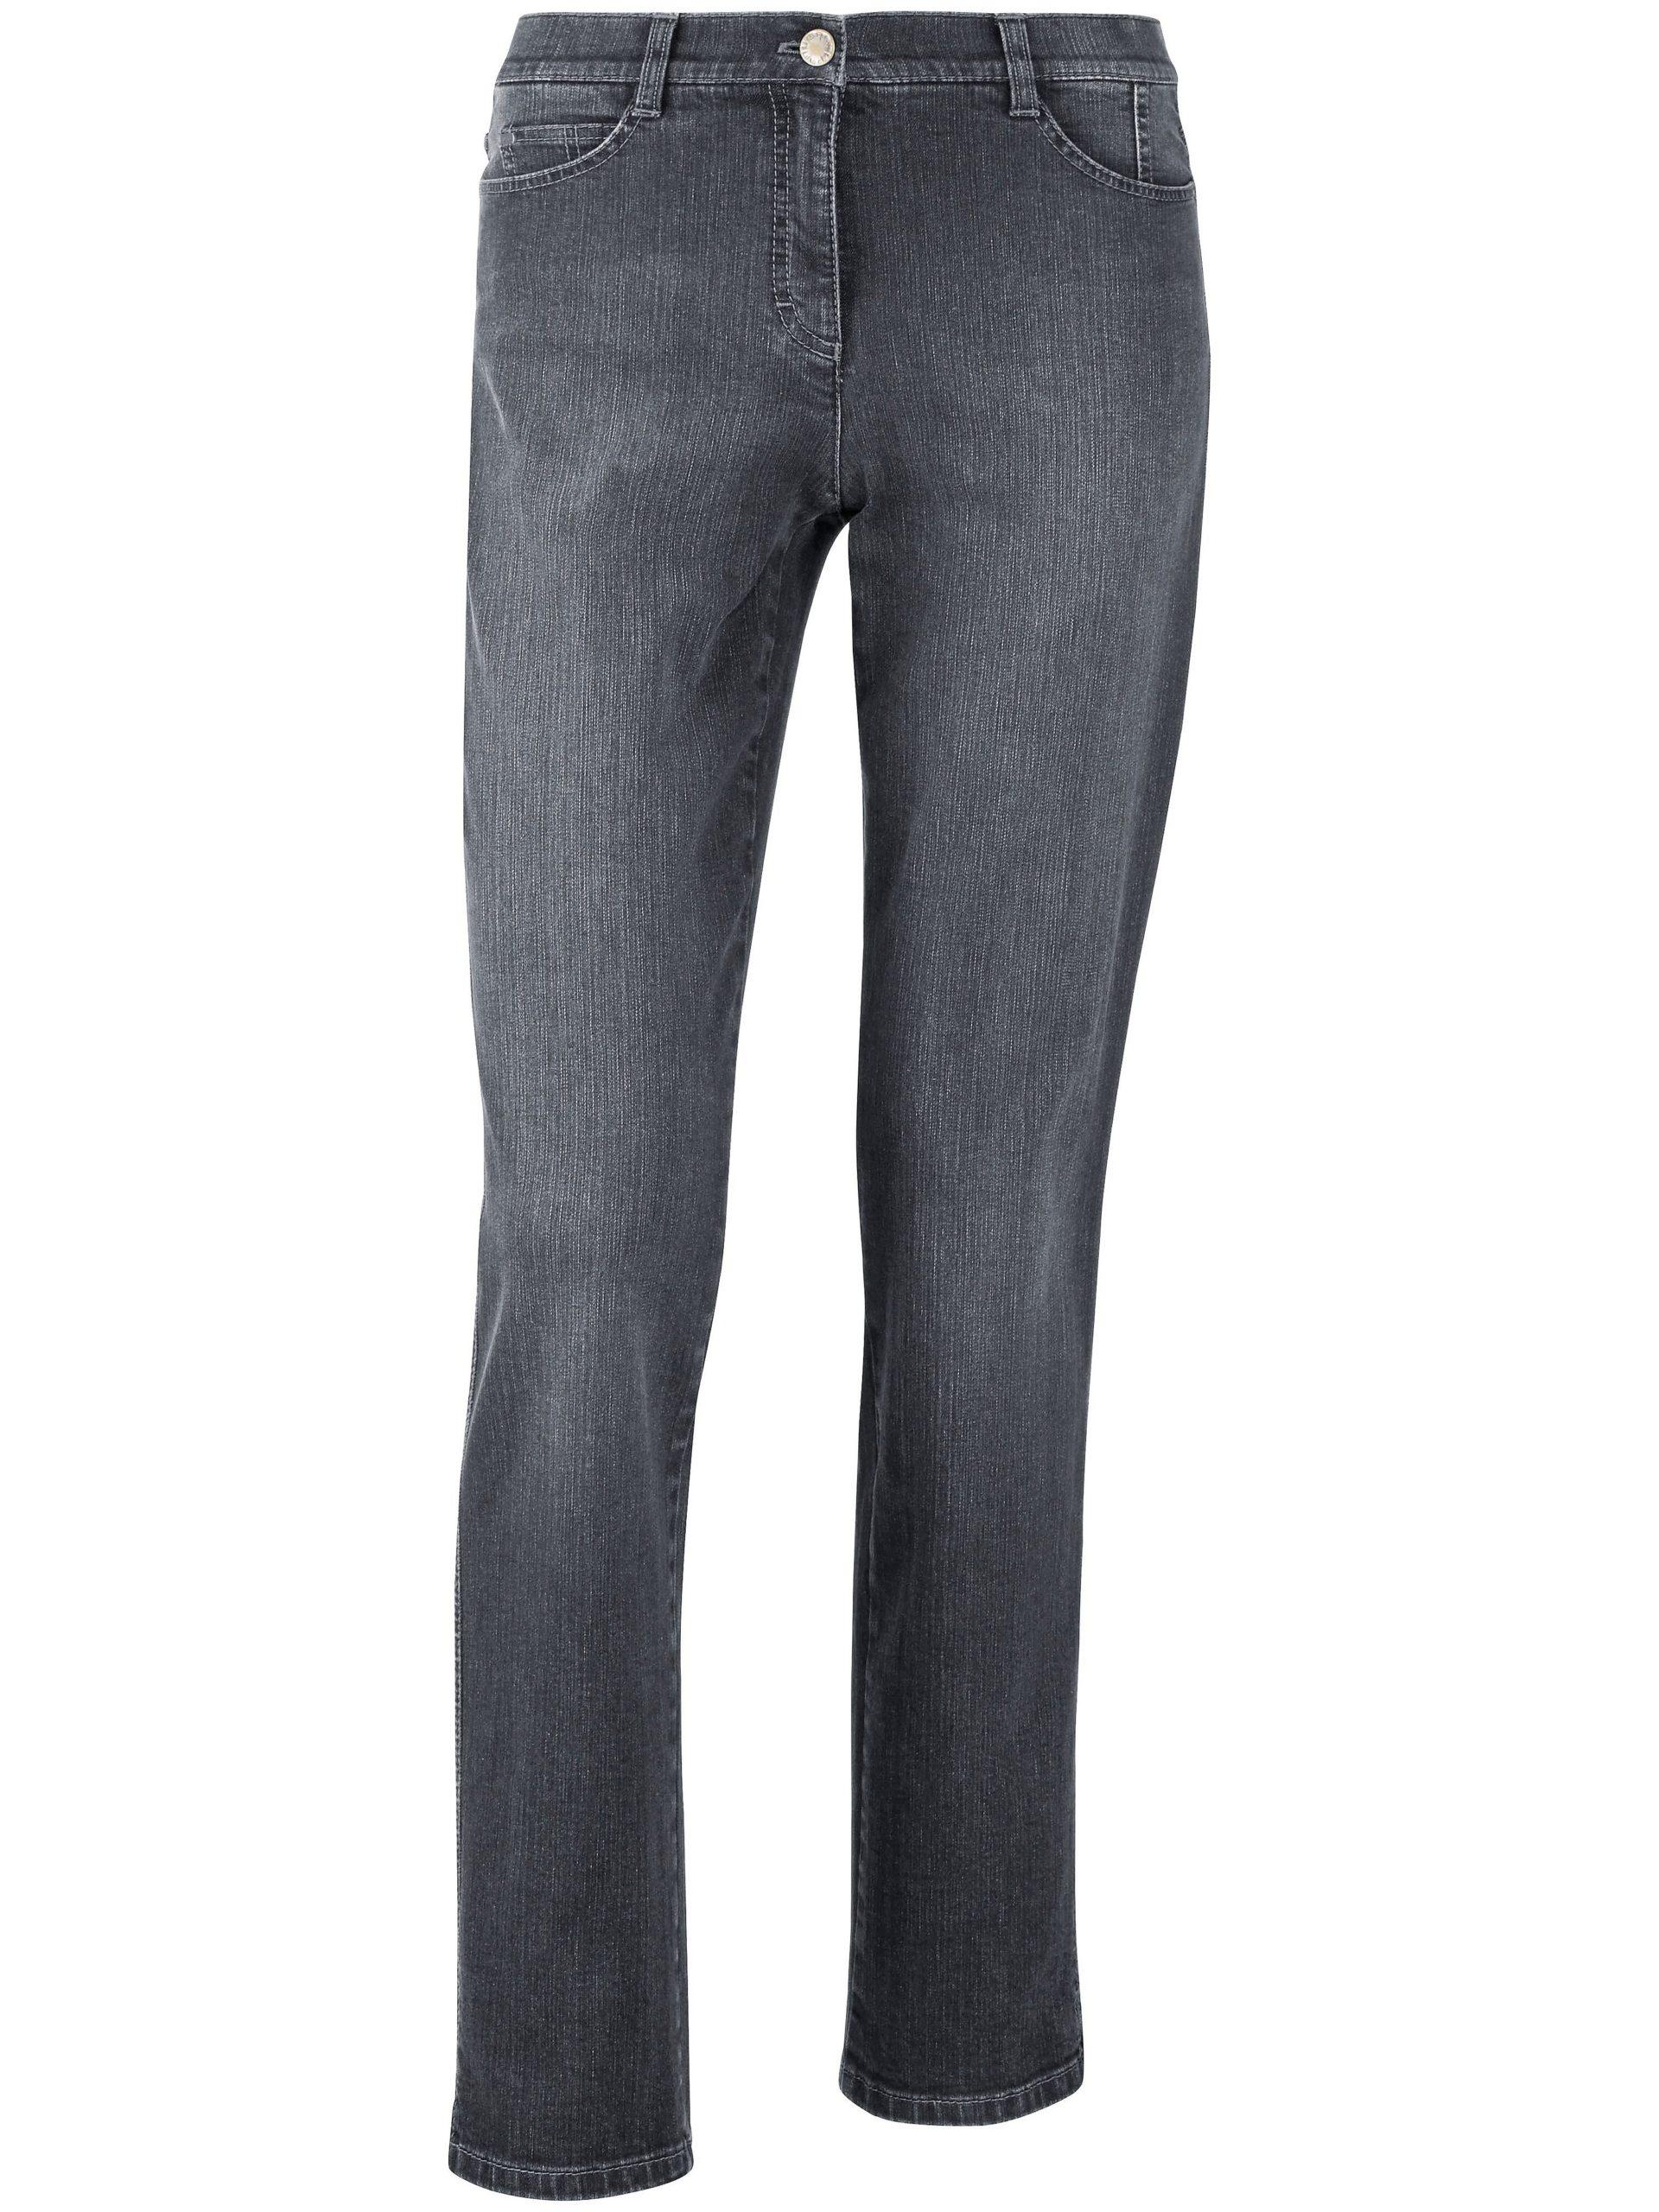 Jeans Van Brax Feel Good denim Kopen